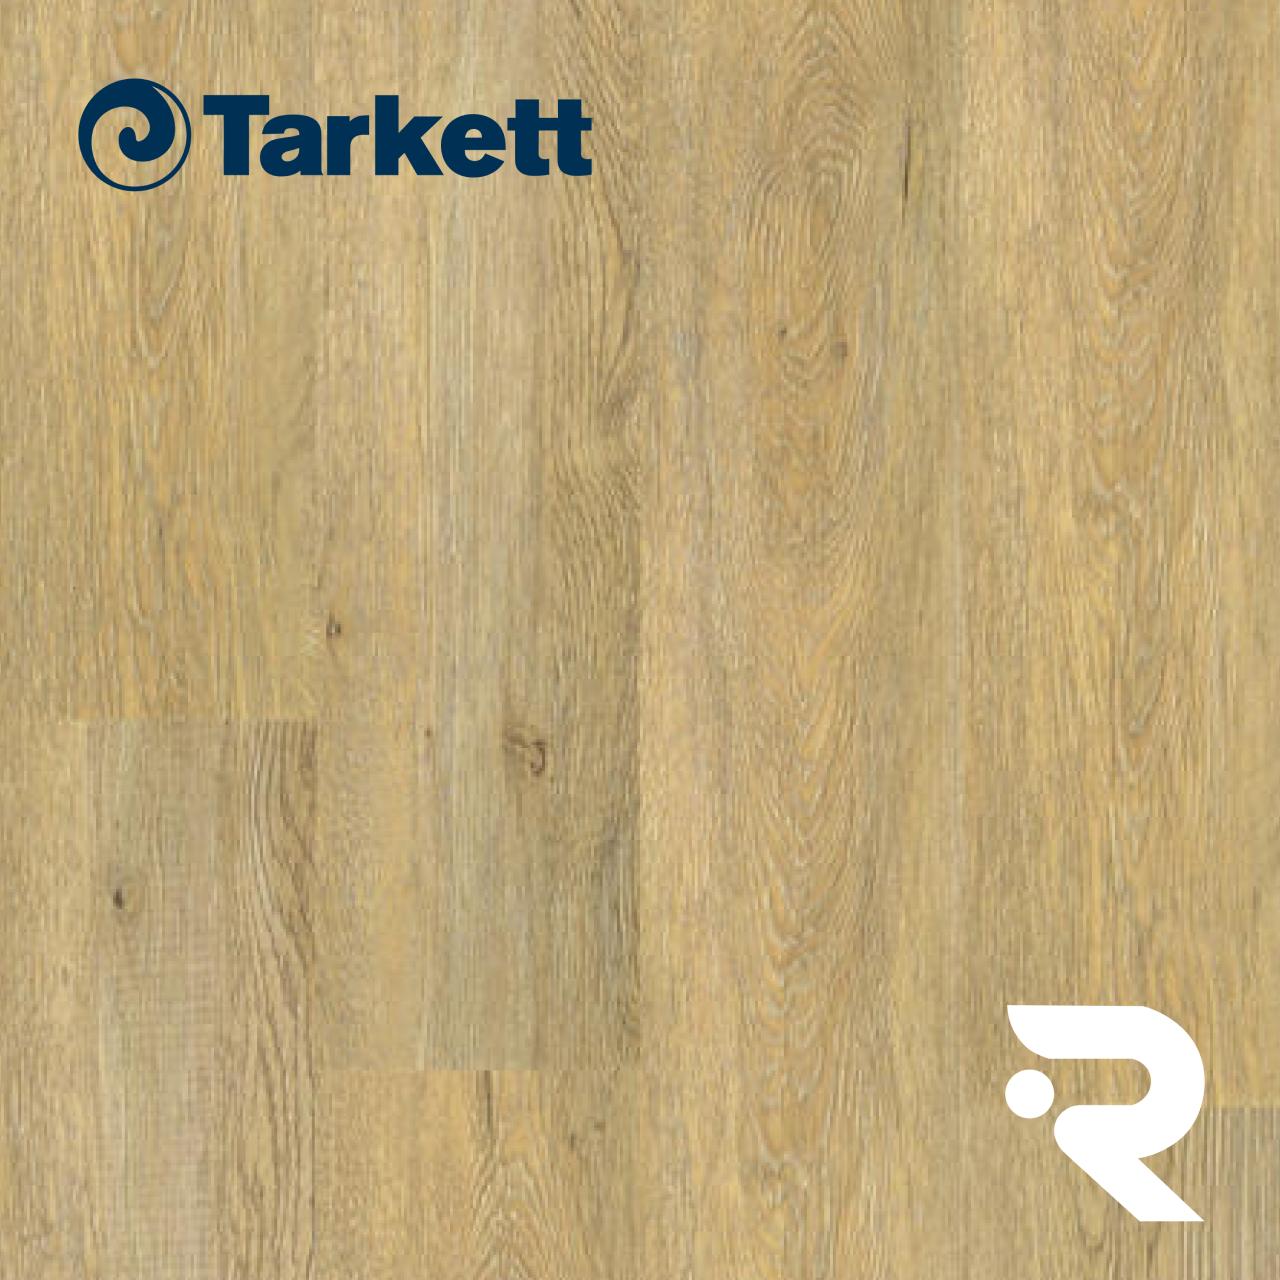 🌳 ПВХ плитка Tarkett NEW AGE - EQUILIBRE | Art Vinyl | 914 x 152 мм